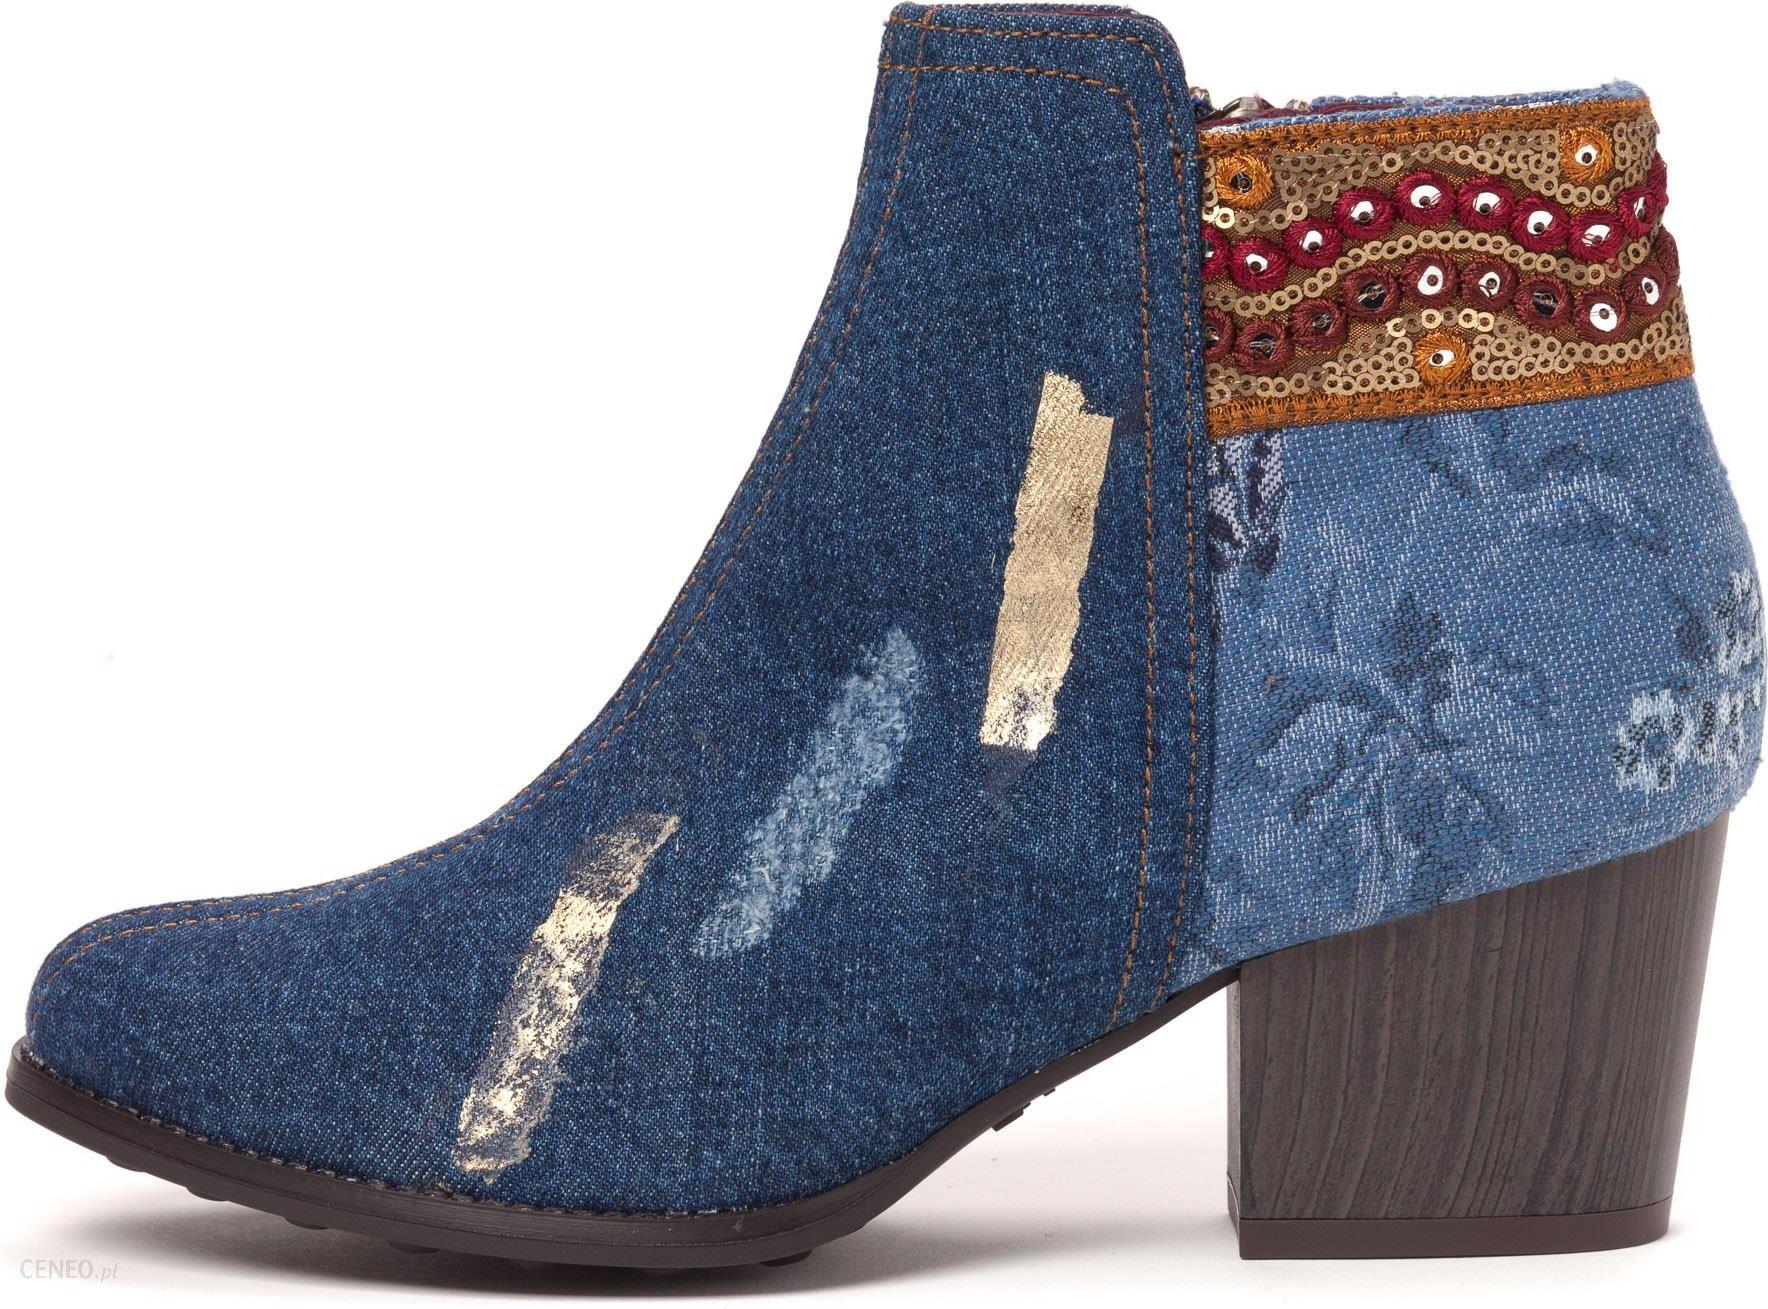 b03246a7f5e3f9 Desigual buty za kostkę damskie 40 niebieski - Ceny i opinie - Ceneo.pl